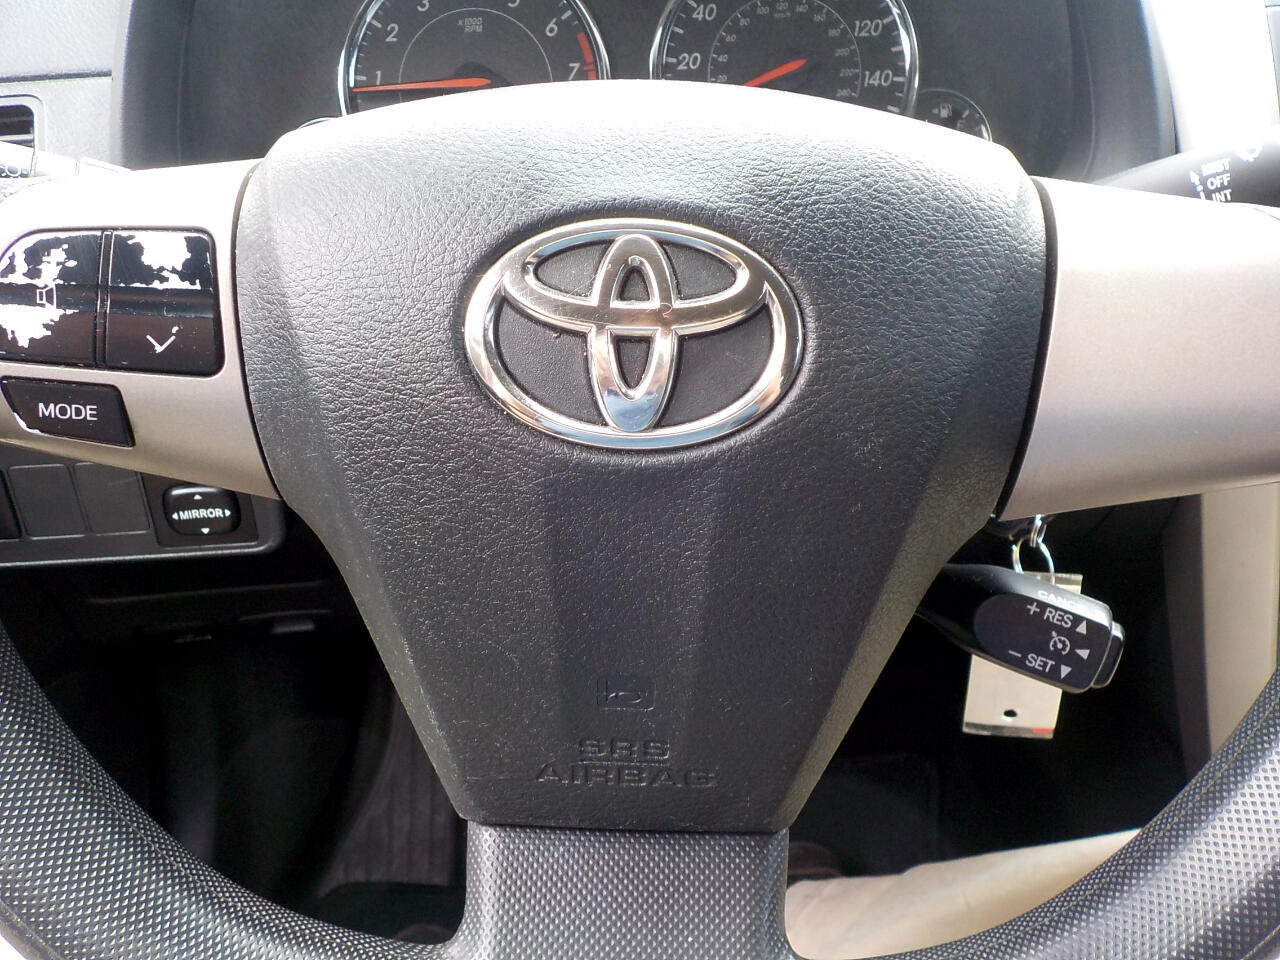 2012 Toyota Corolla 4dr Sdn Auto S (Natl)